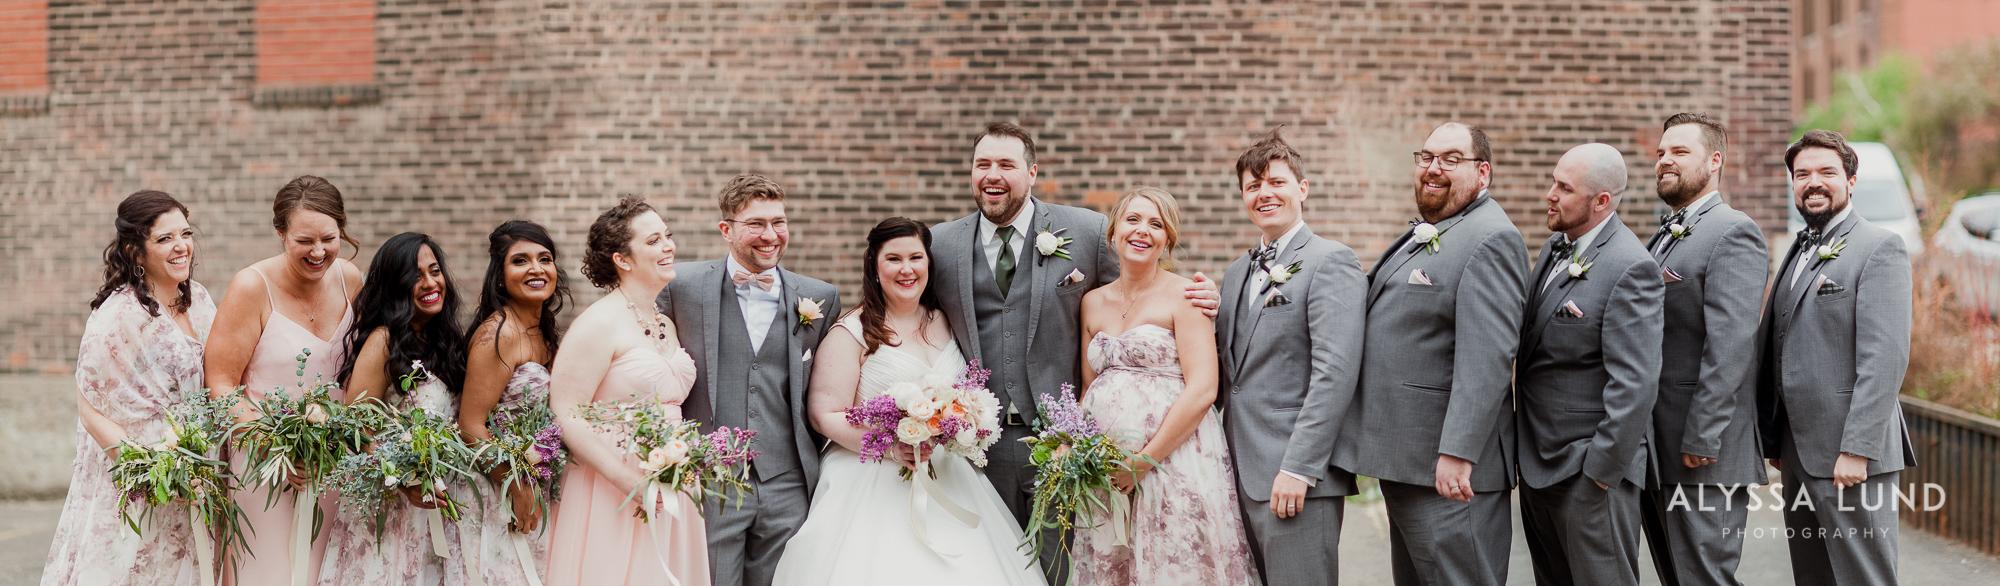 Michelle and Tim's 514 Studios Wedding in Minneapolis North Loop-47.jpg